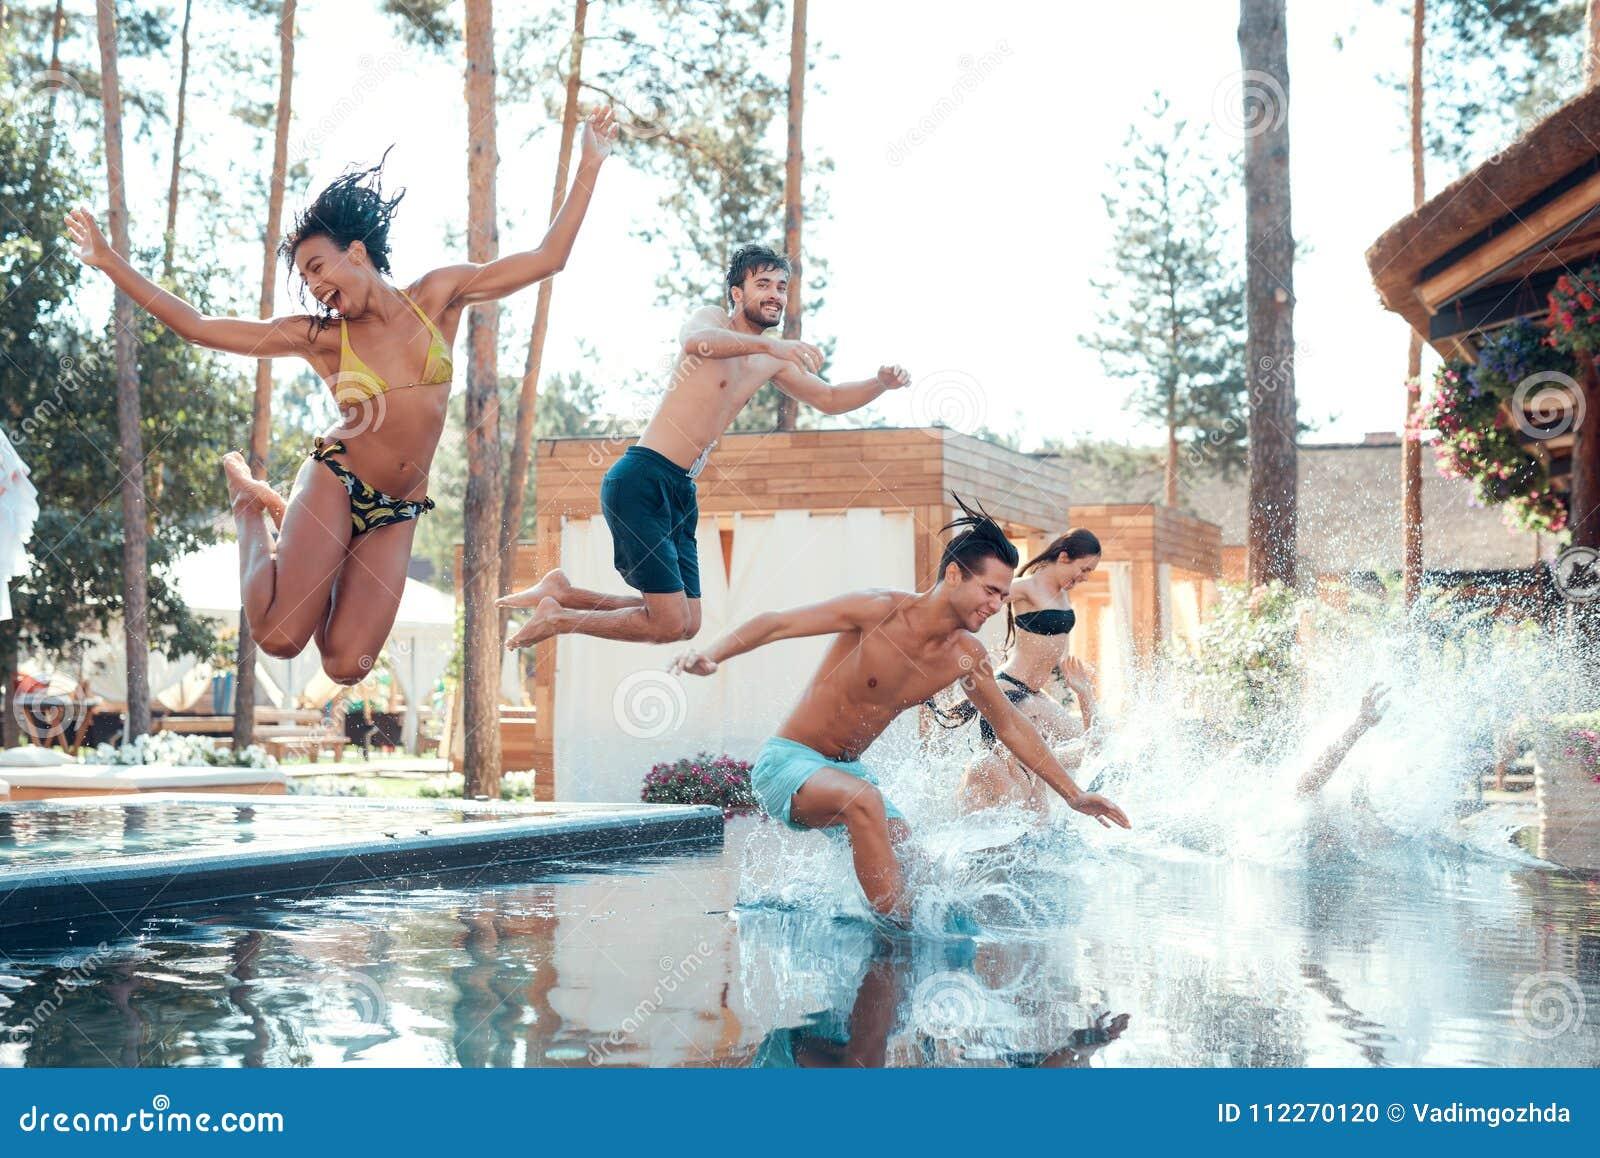 Firma von den glücklichen jungen Leuten, die springen, bei der Poolformung spritzt Schwimmenpool-party-Konzept